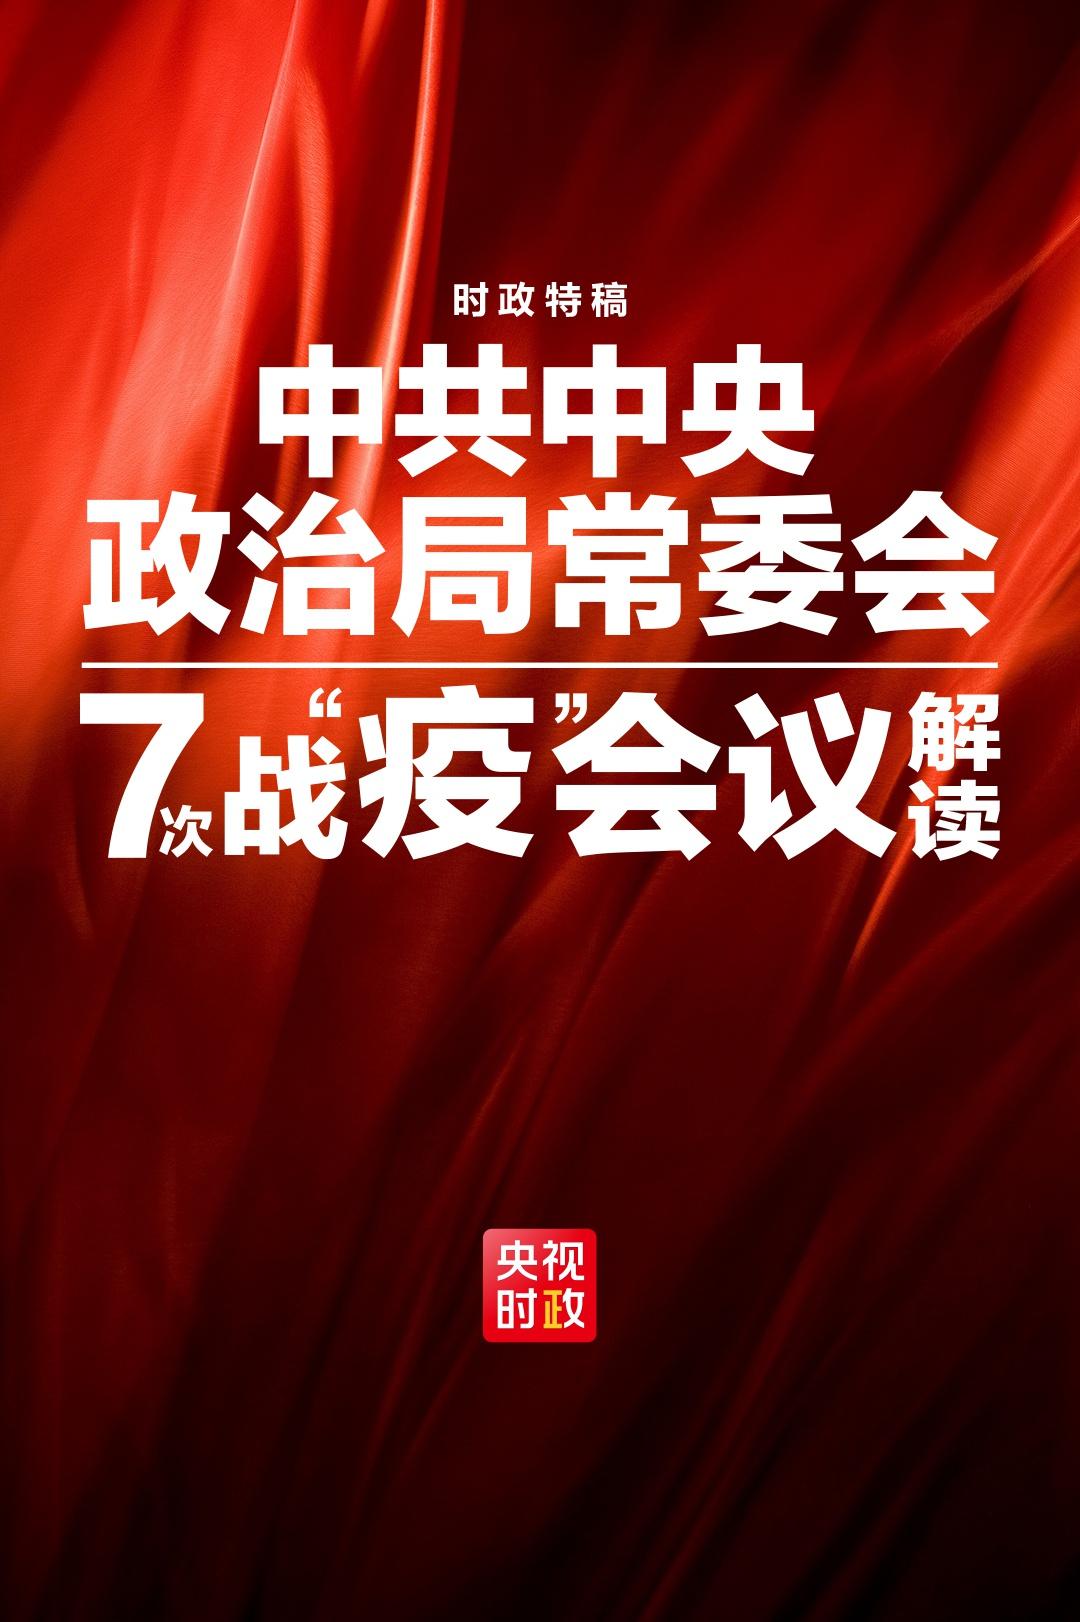 54天7次中央政治局常委会会议,读懂中国疫情防控阻击战图片